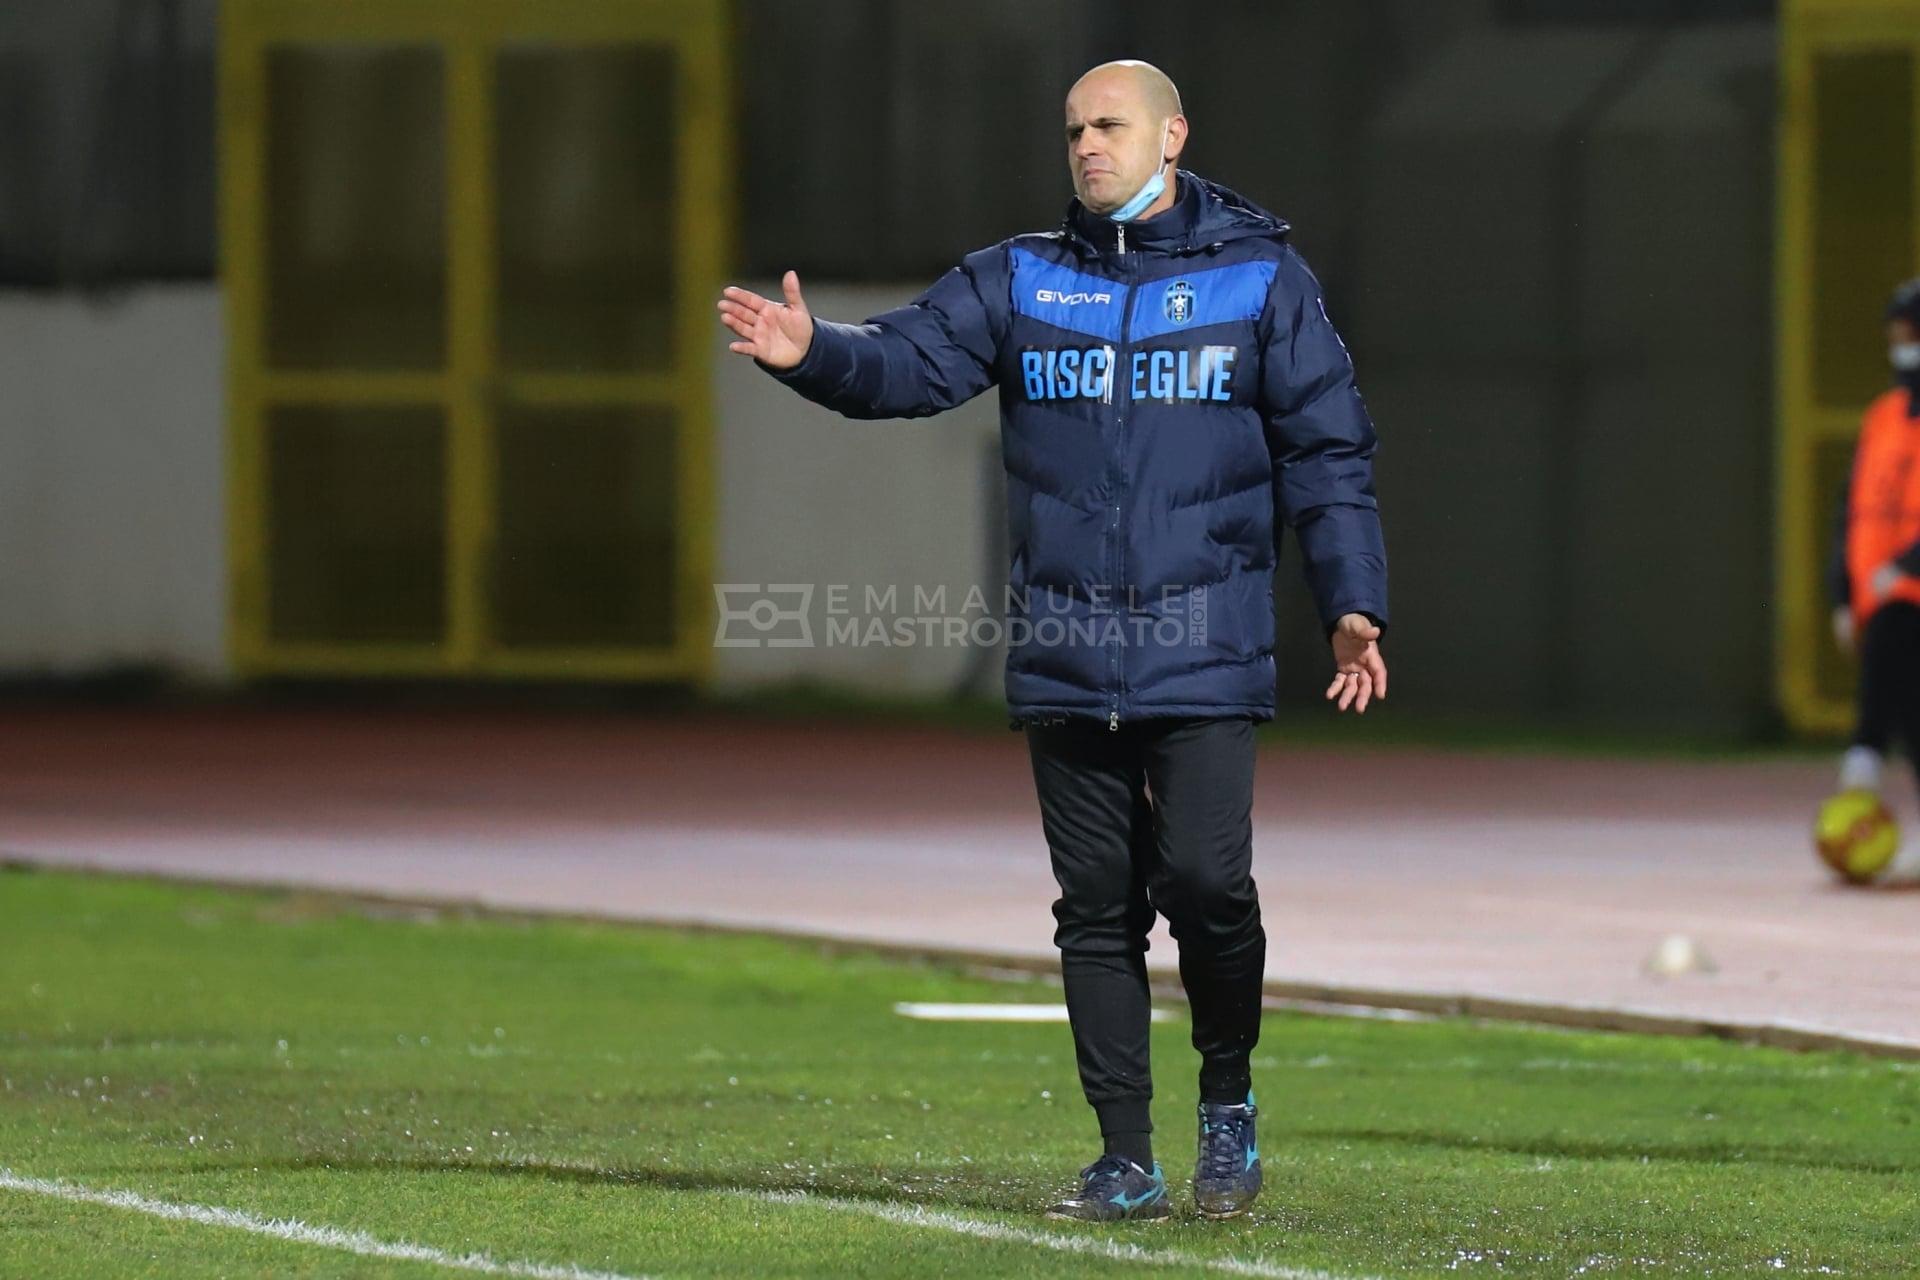 """Bisceglie Calcio, Bucaro: """"Siamo pronti per la battaglia"""""""